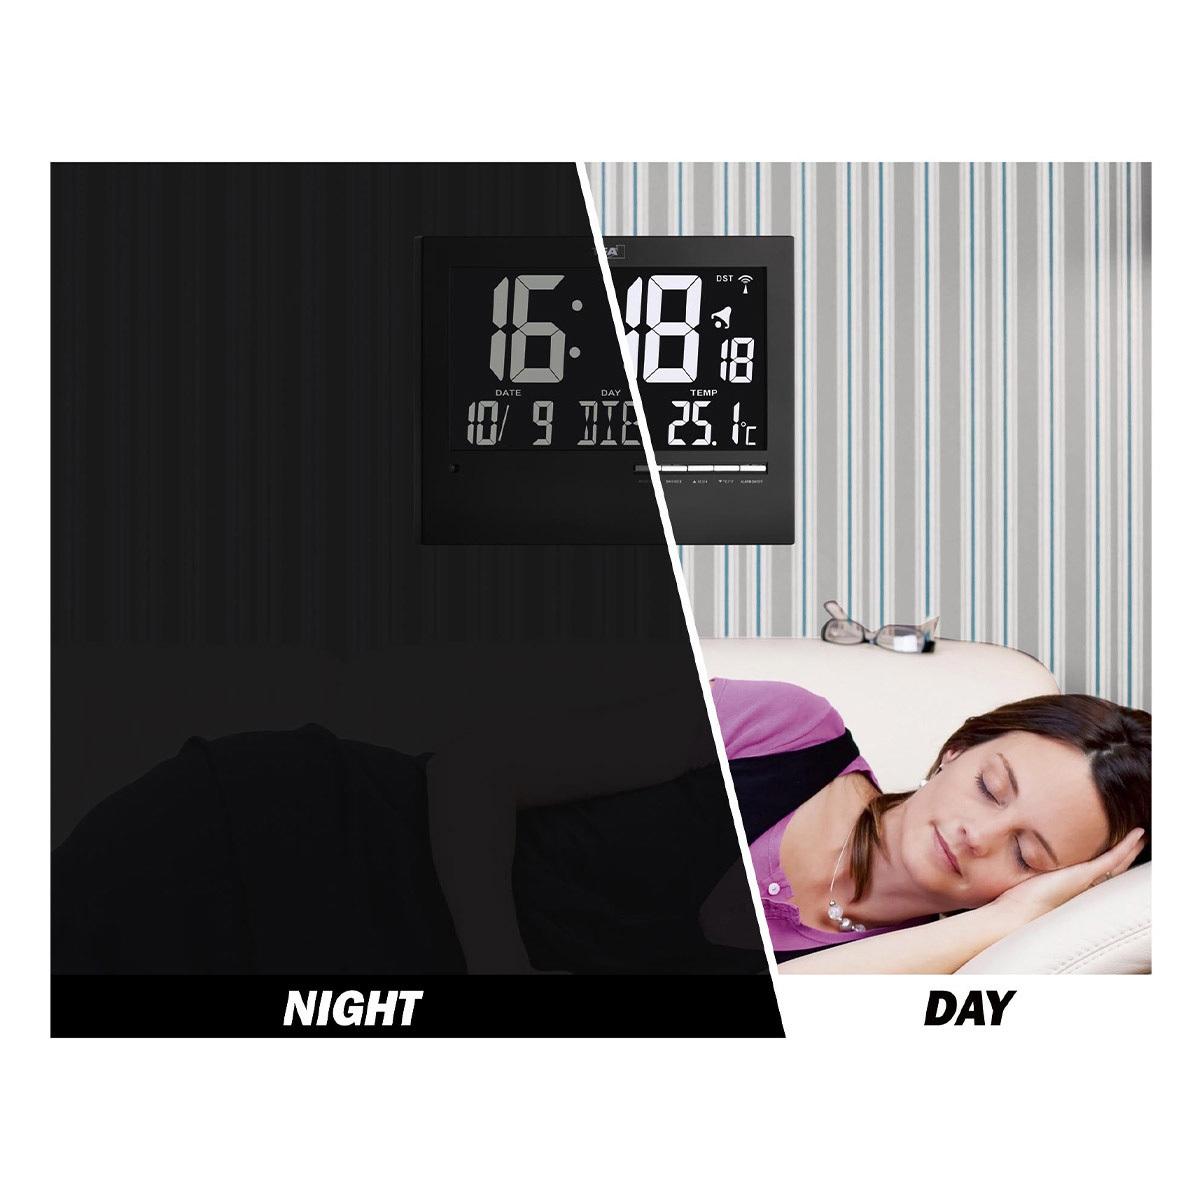 60-4508-digitale-funkuhr-mit-automatischer-hintergrundbeleuchtung-anwendung-1200x1200px.jpg